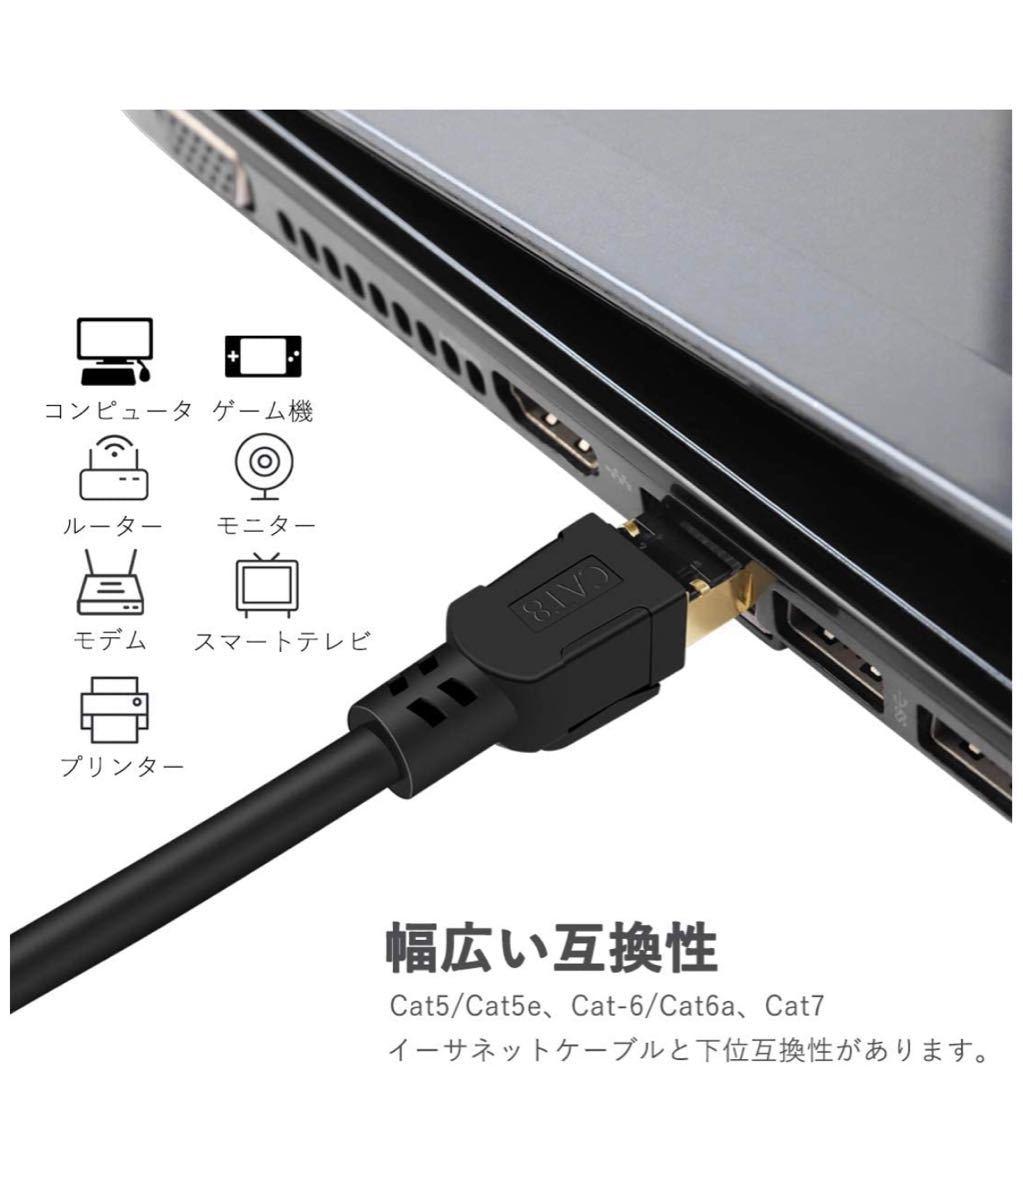 カテゴリー8 LANケーブル40Gbps / 2000MHz 超高速イーサネットケーブル 金メッキRj45 コネクタ 3m